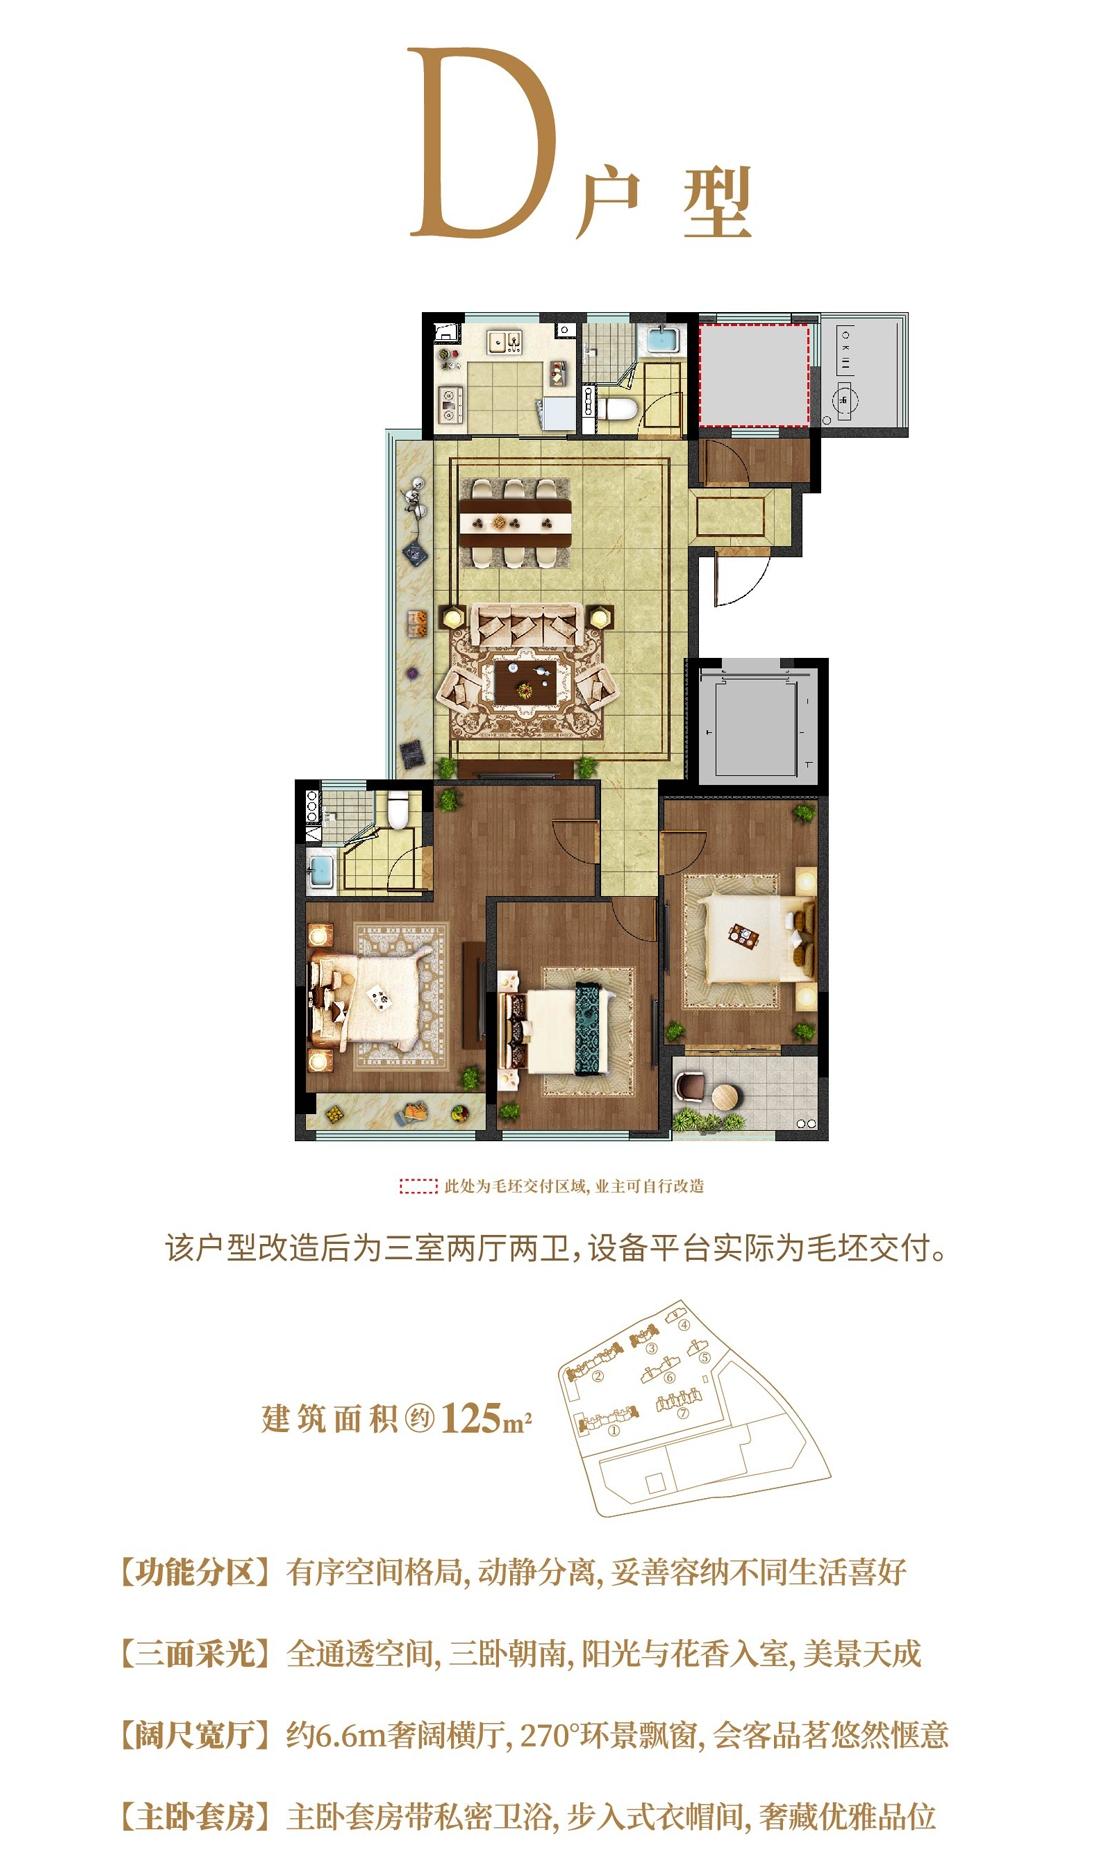 龙湖武林上城D户型约125㎡装修建议图(1-3#边套)